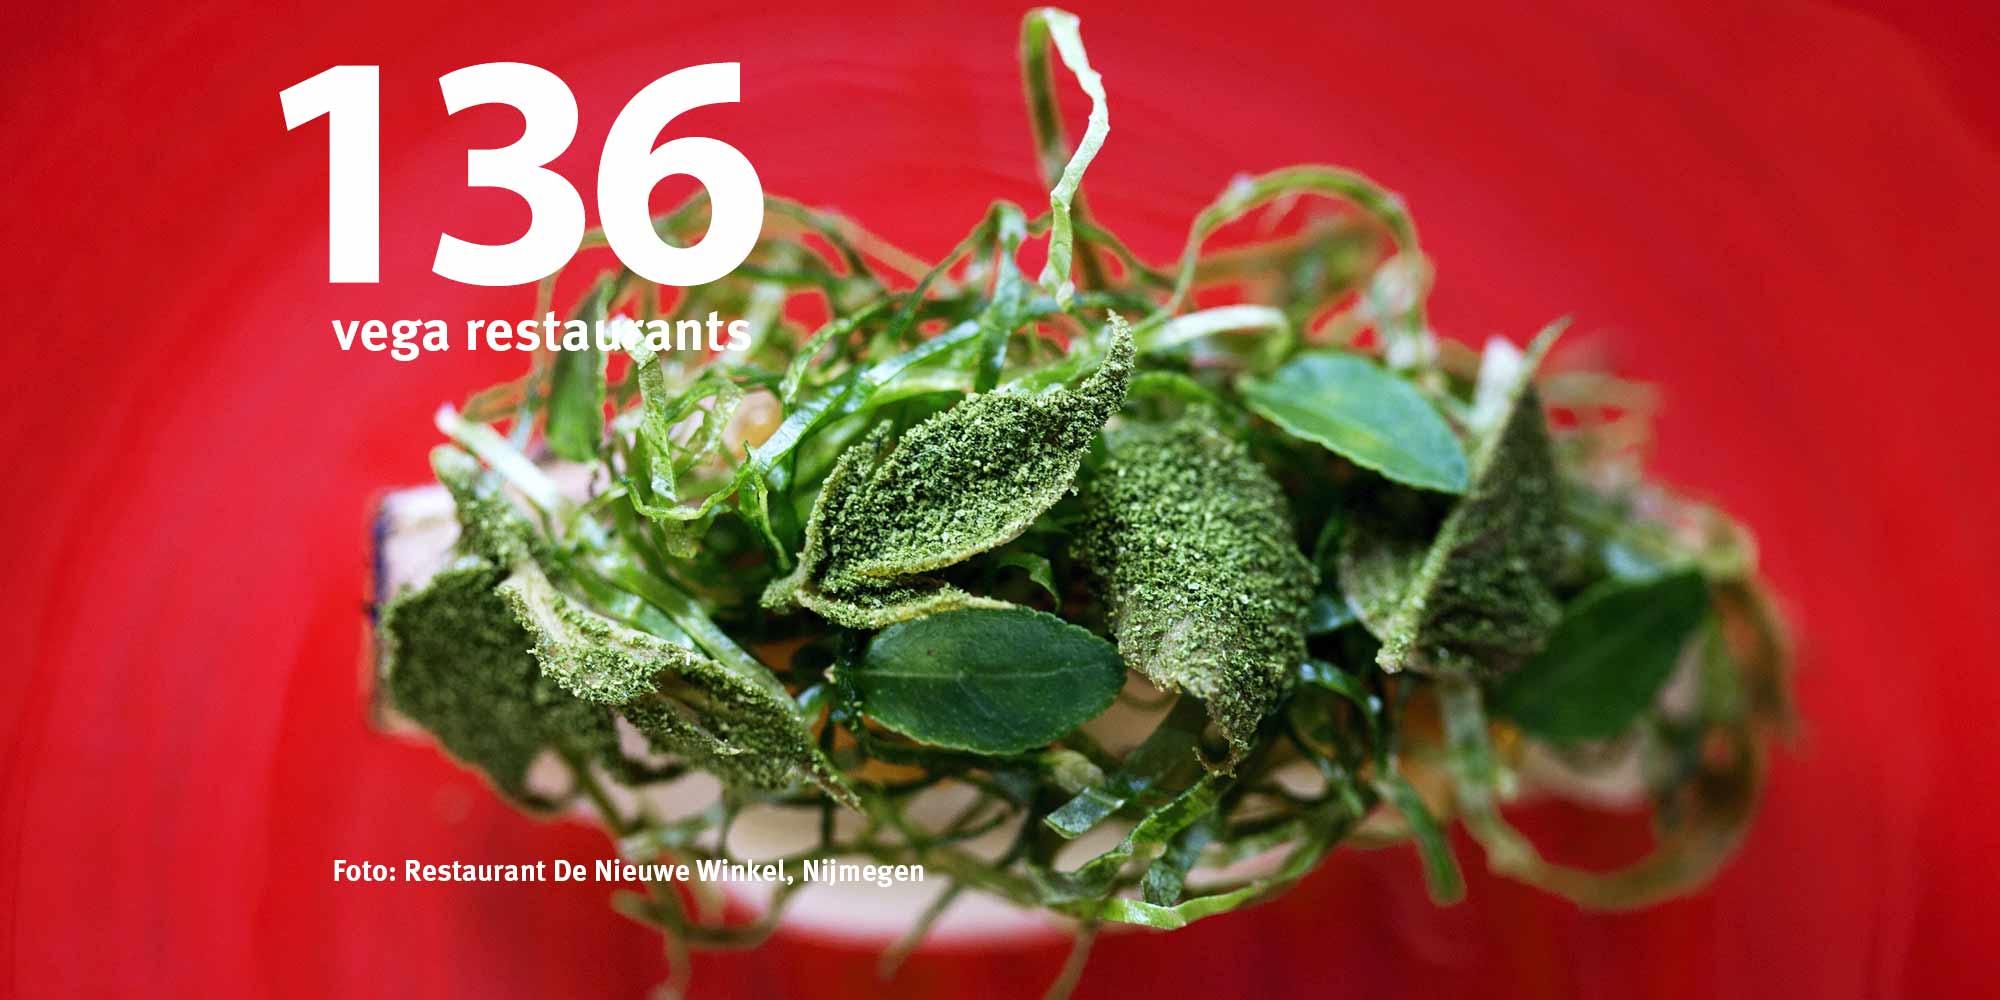 vega en vegan hotspots en restaurants op Lekker Vega